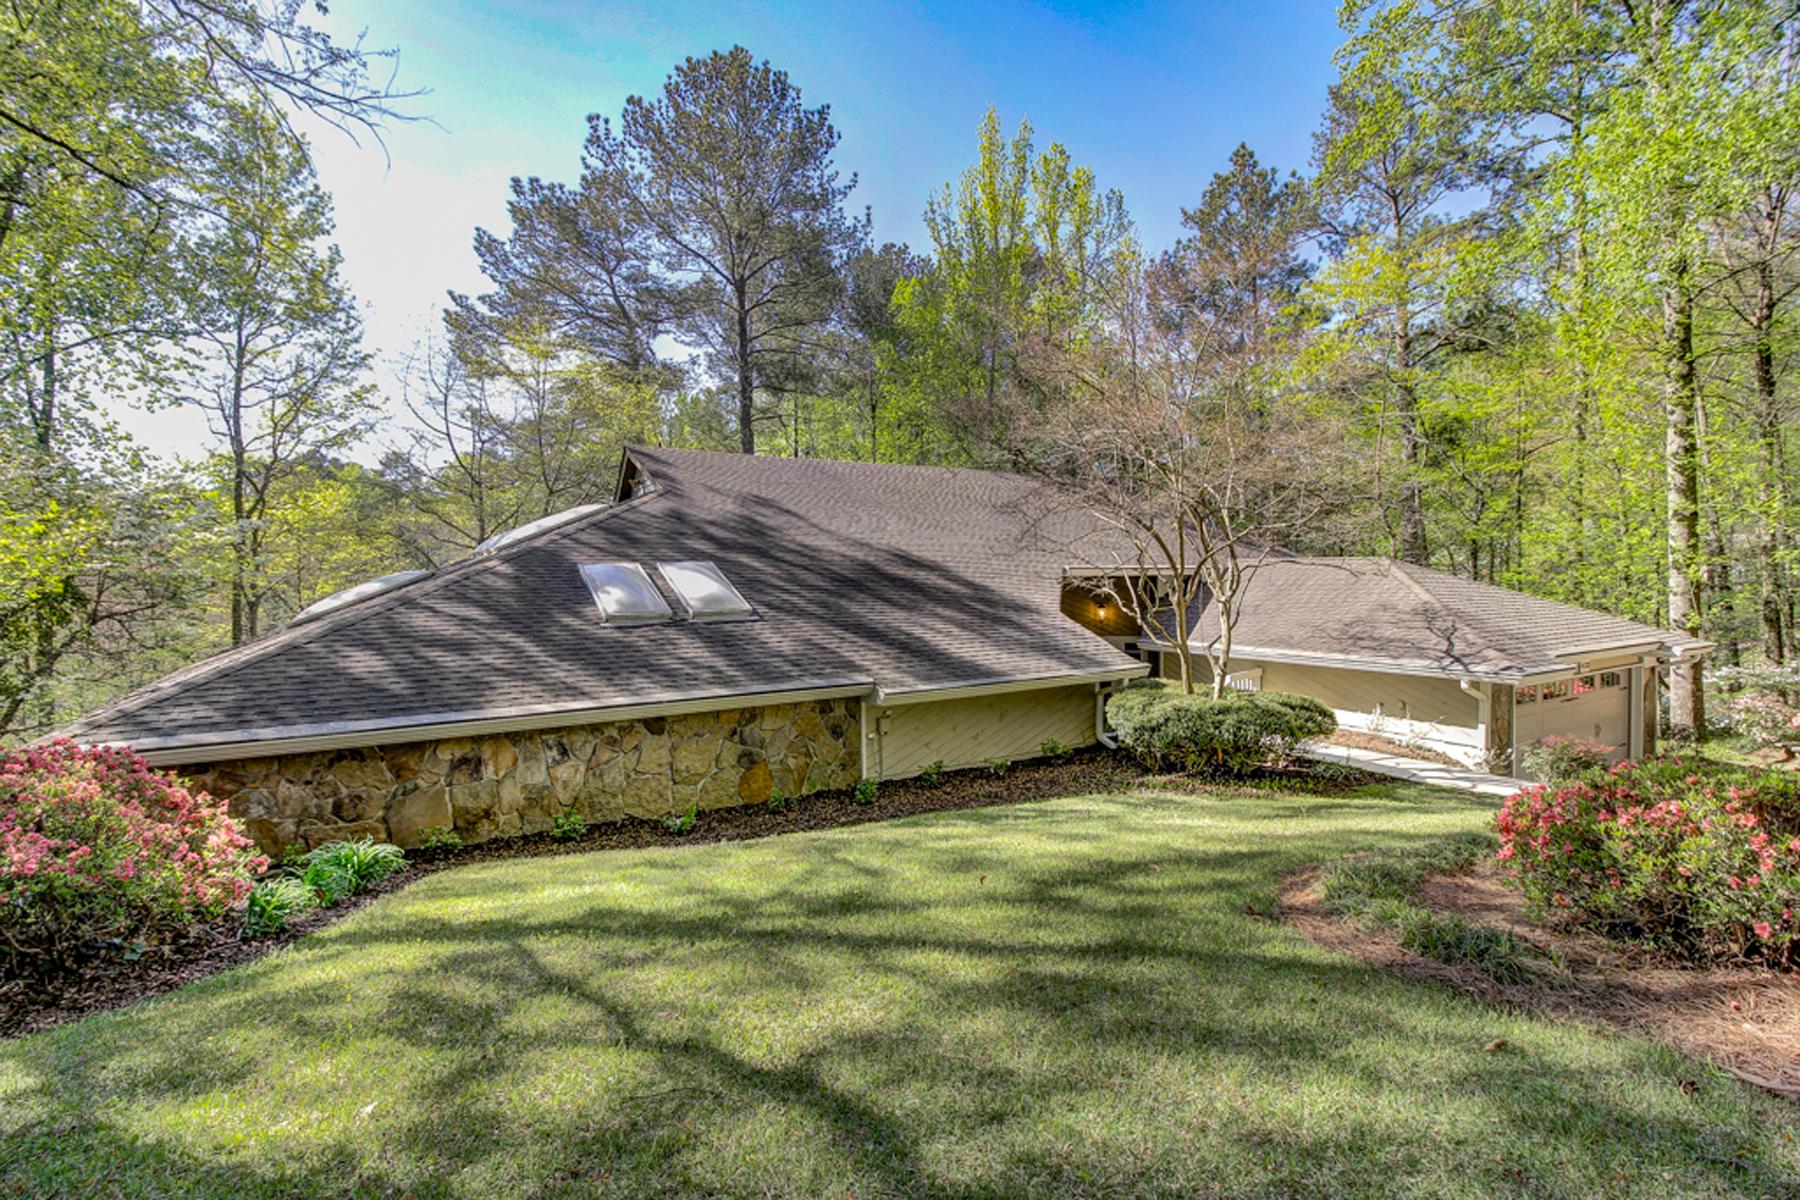 Частный односемейный дом для того Продажа на In the Heart of Vinings 4133 Orchard Lake Court Atlanta, Джорджия, 30339 Соединенные Штаты